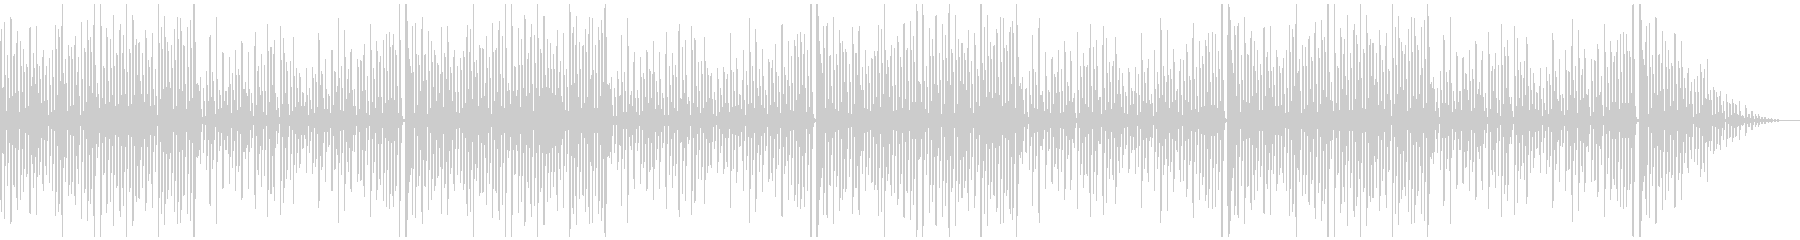 「ジングルベル」シンプルなピアノソロの未再生の波形